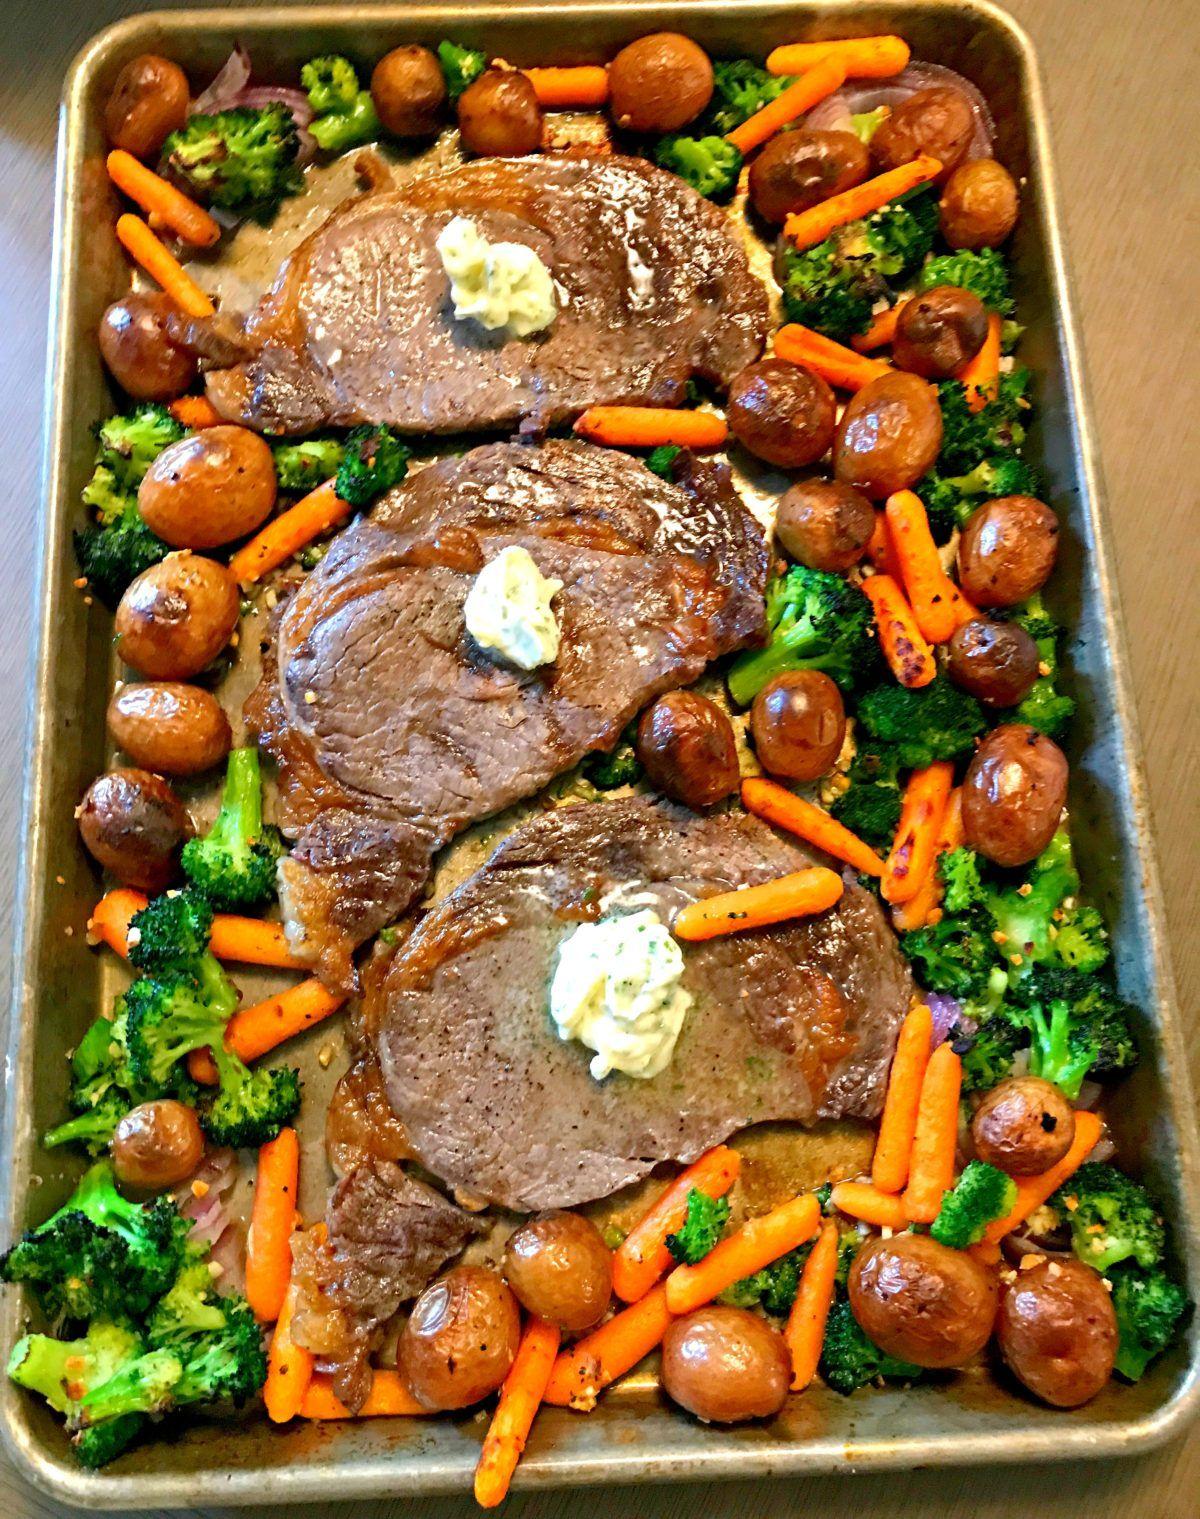 Health dinner steak